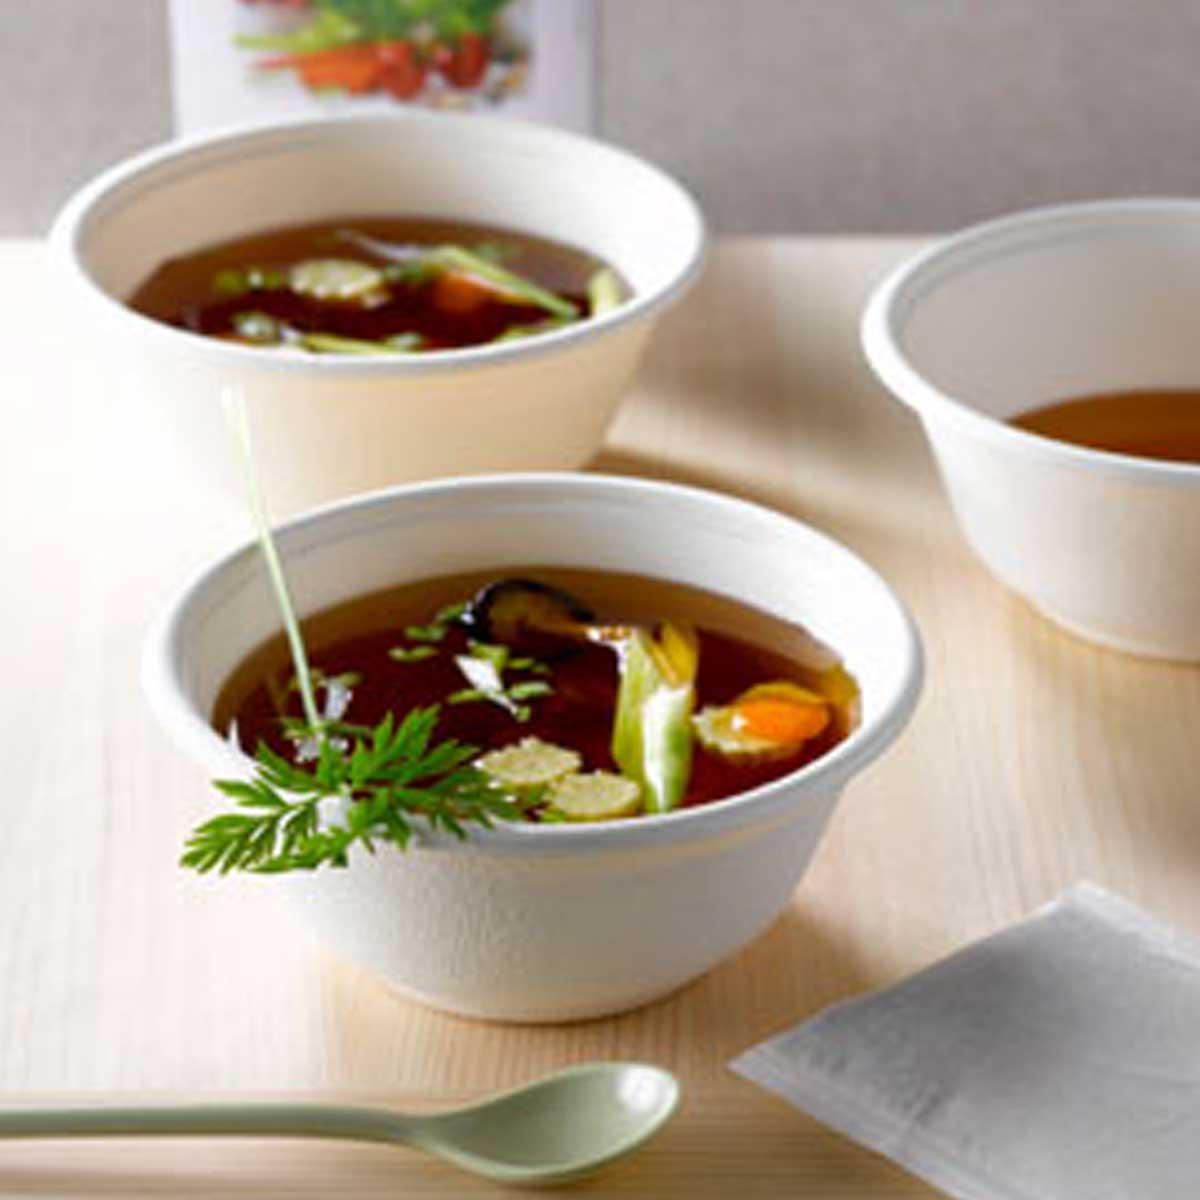 Soupe japonaise revigorante une recette all g cuisine for Accessoires cuisine japonaise